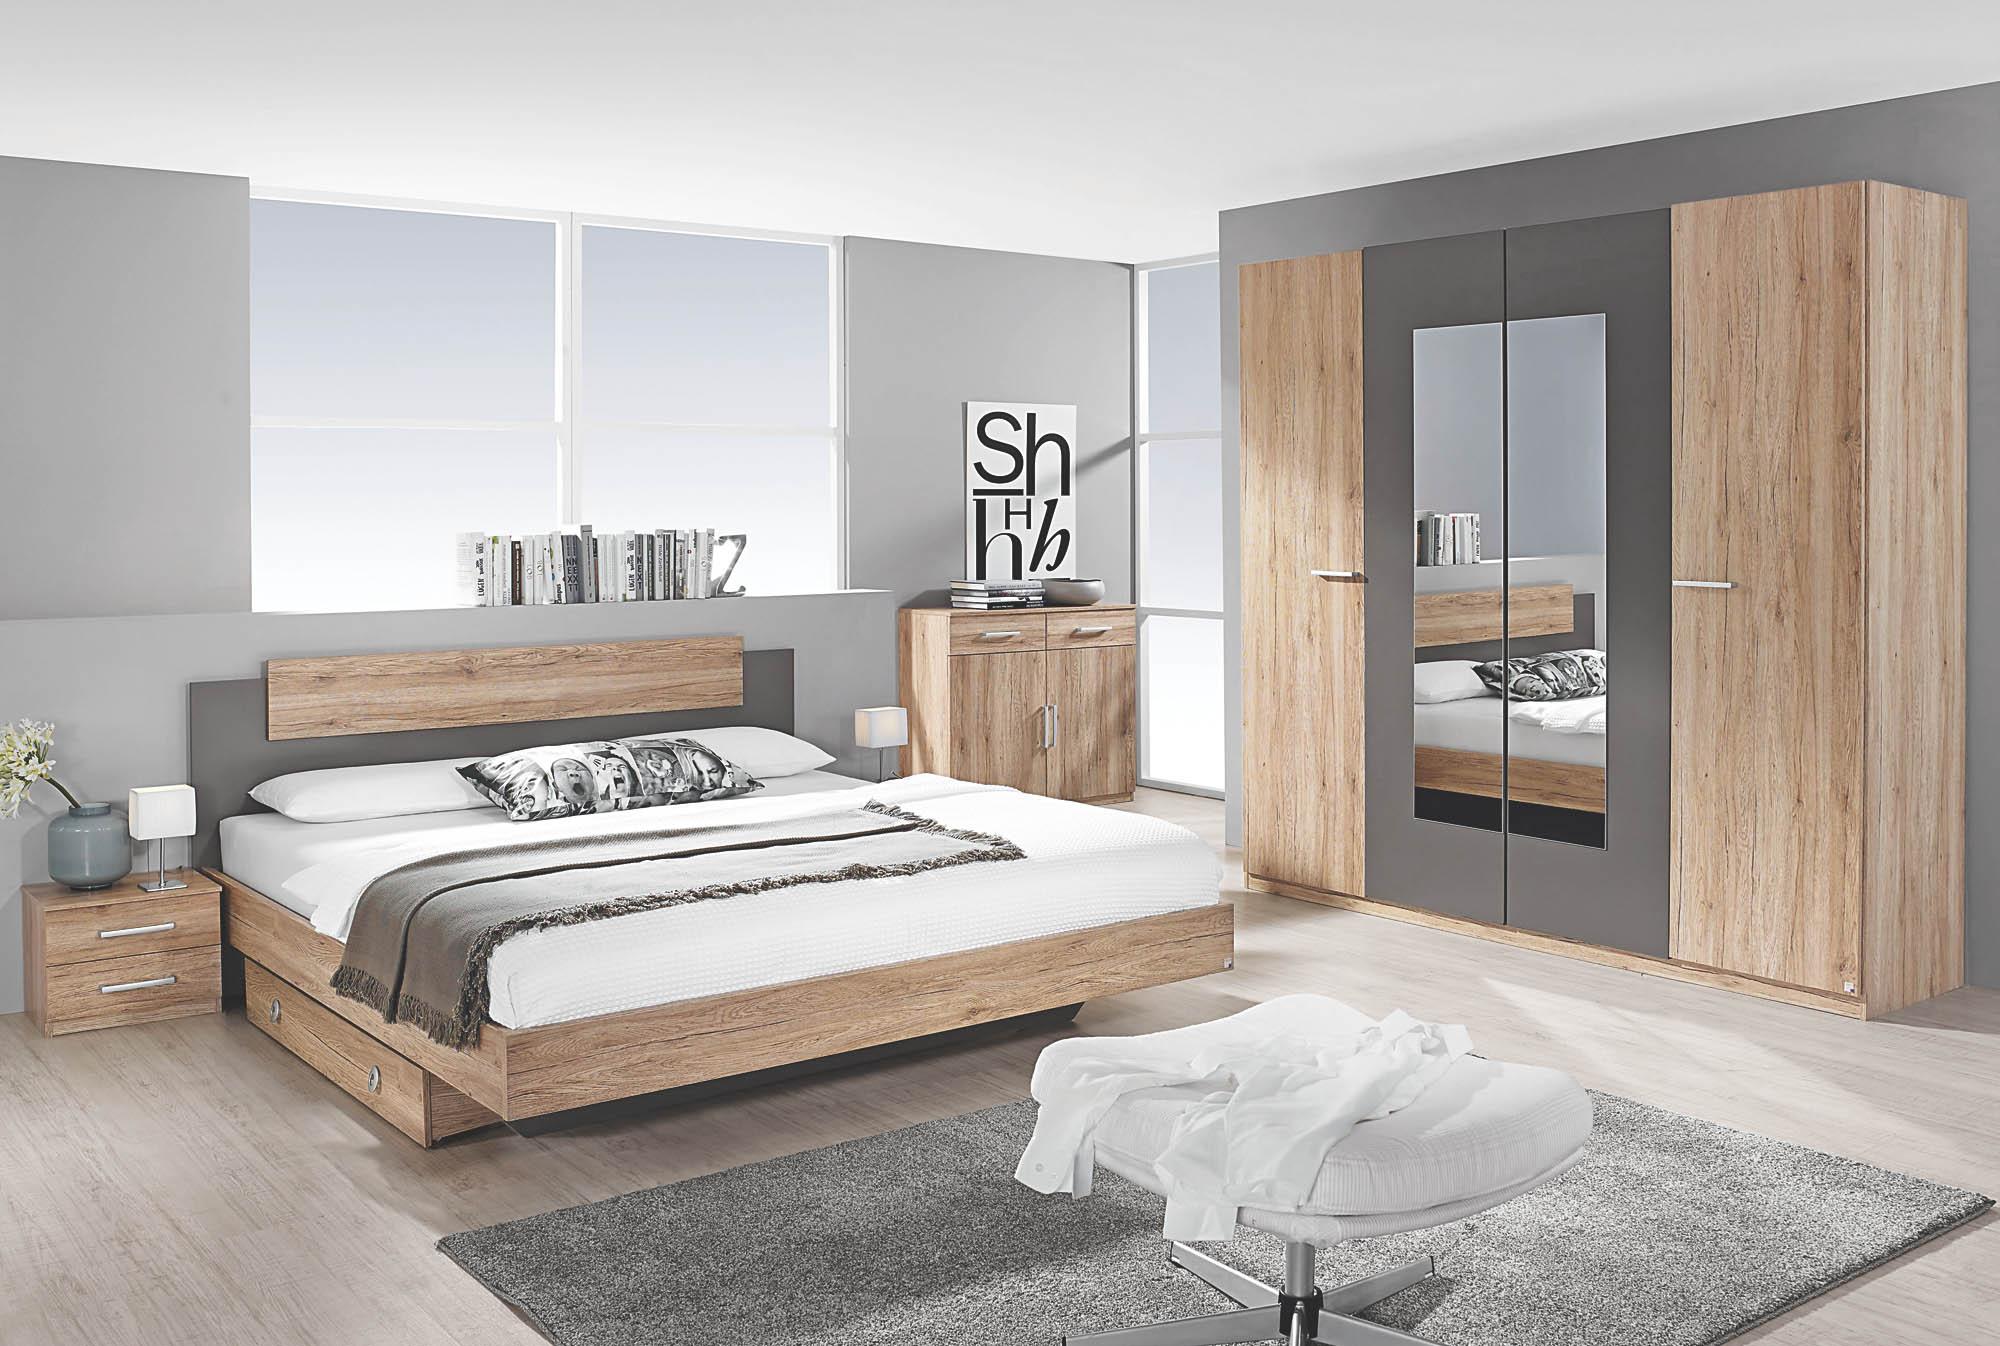 Schlafzimmer 4-tlg Borba von Rauch Packs mit 180x200 Bett ...